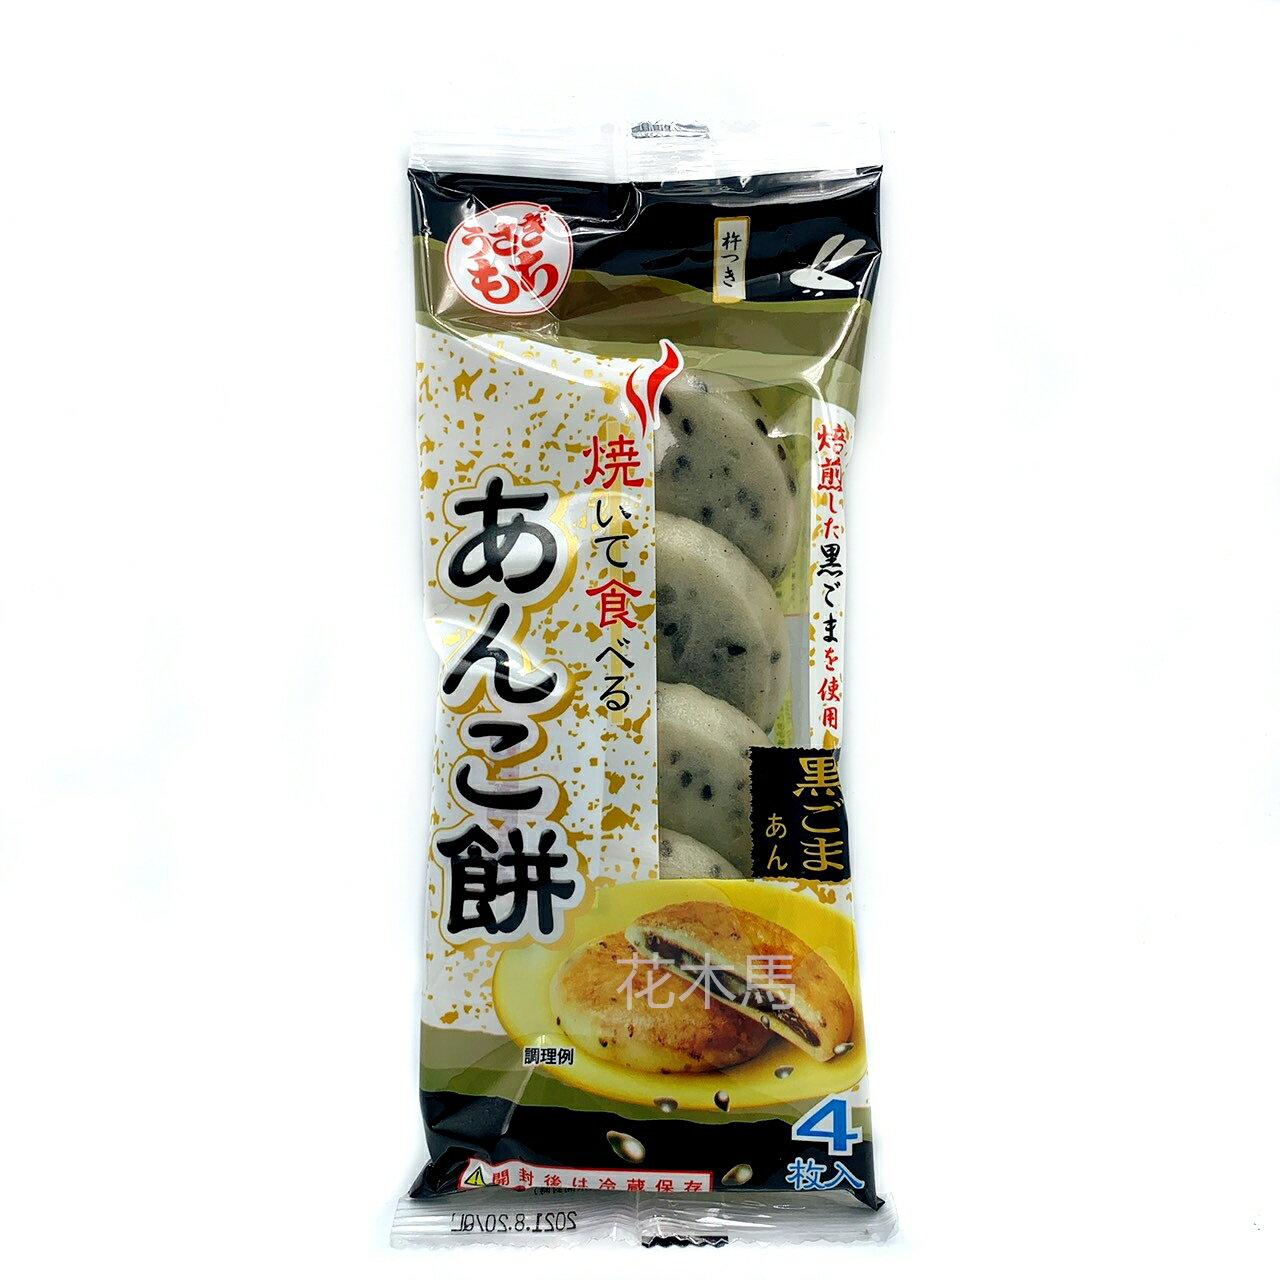 木村芝麻餡烤麻糬 芝麻餡麻糬 紅豆麻糬 烤麻糬 日本年糕 烤年糕 年糕 日式年糕 烤麻糬 麻糬 日式麻糬 日本麻糬